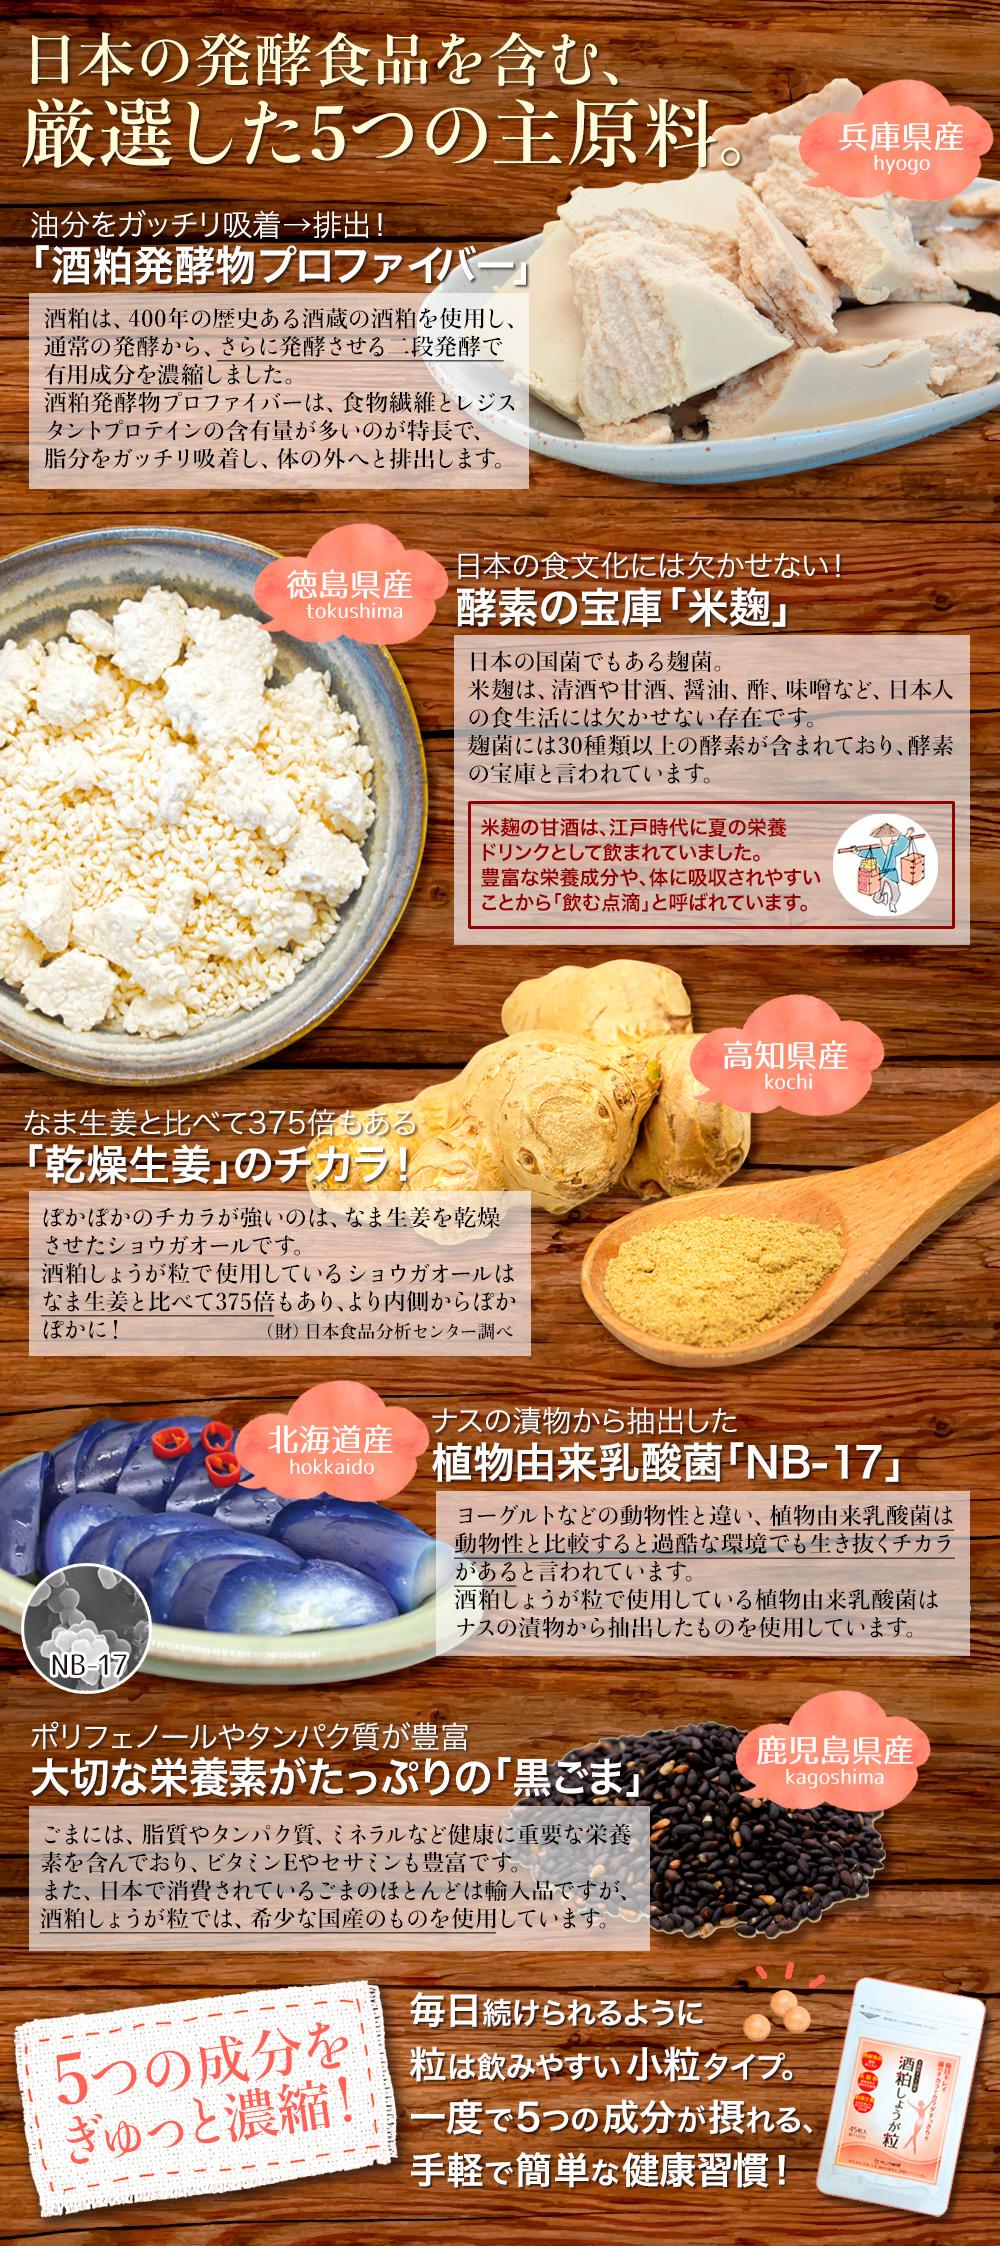 日本の発酵食品を含む5つの主原料